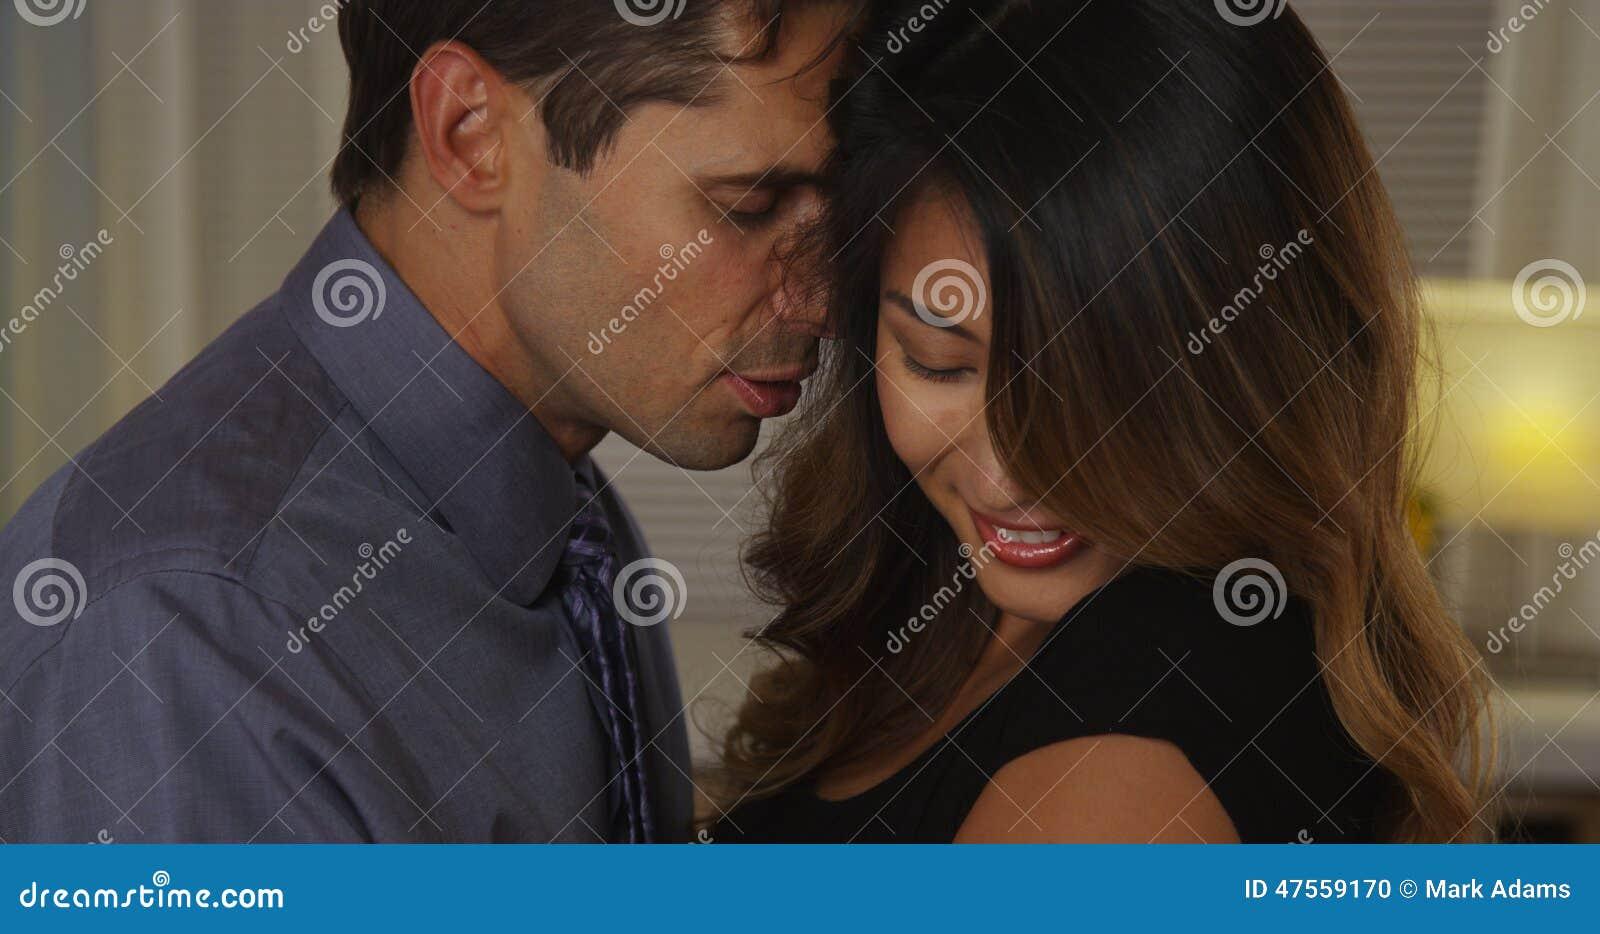 Closeup of boyfriend whispering into girlfriend s ear